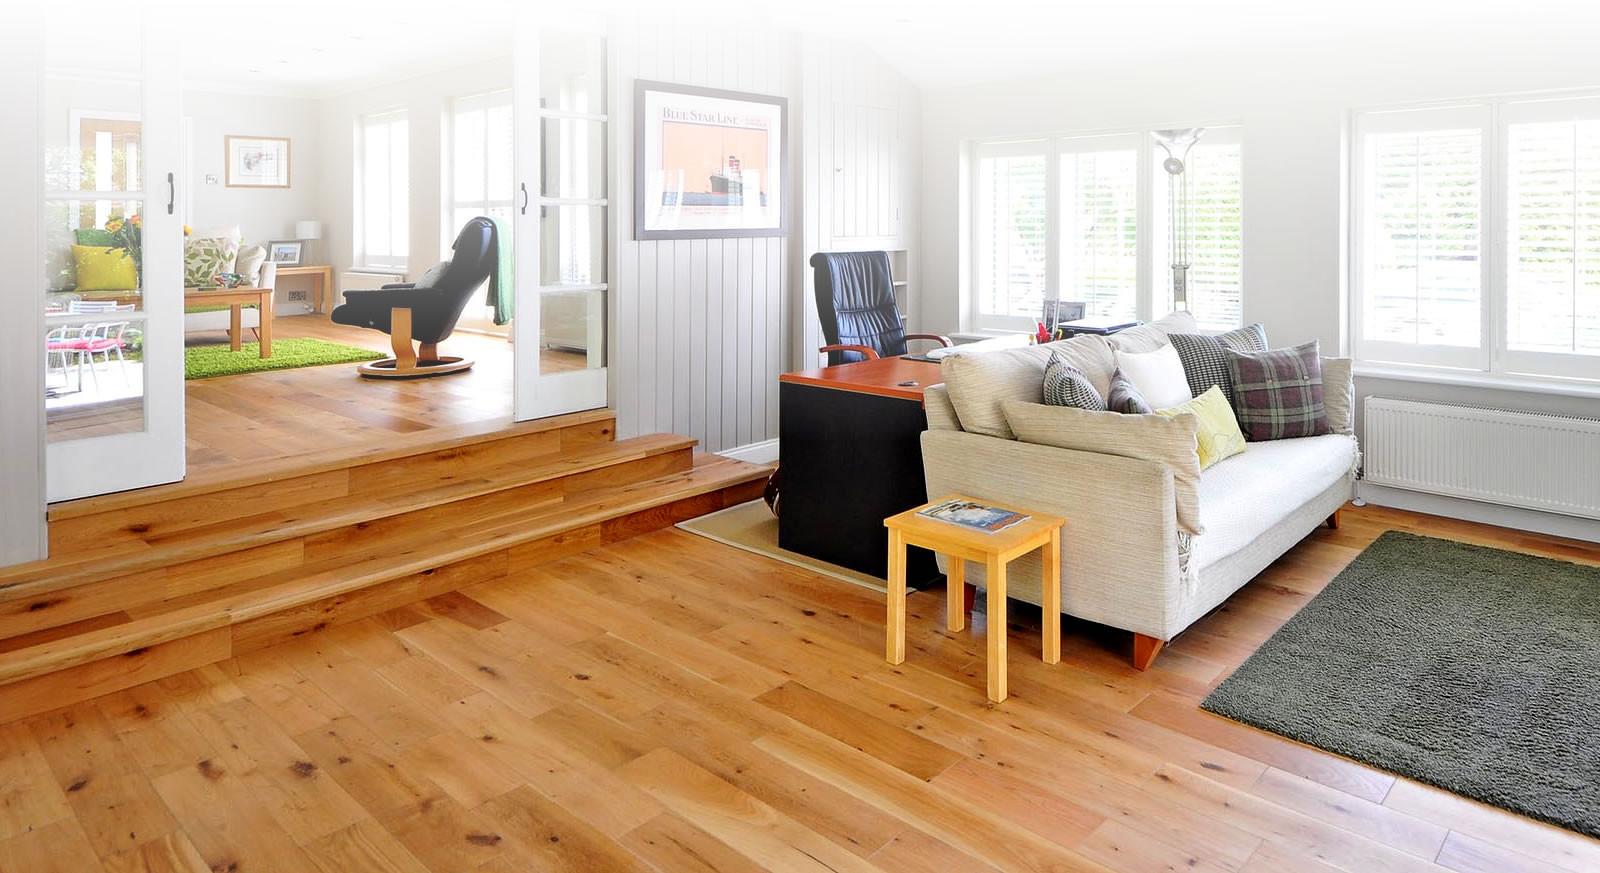 hardwood floor refinishing norfolk va of lg flooring llc flooring services norfolk va inside hd wrapper